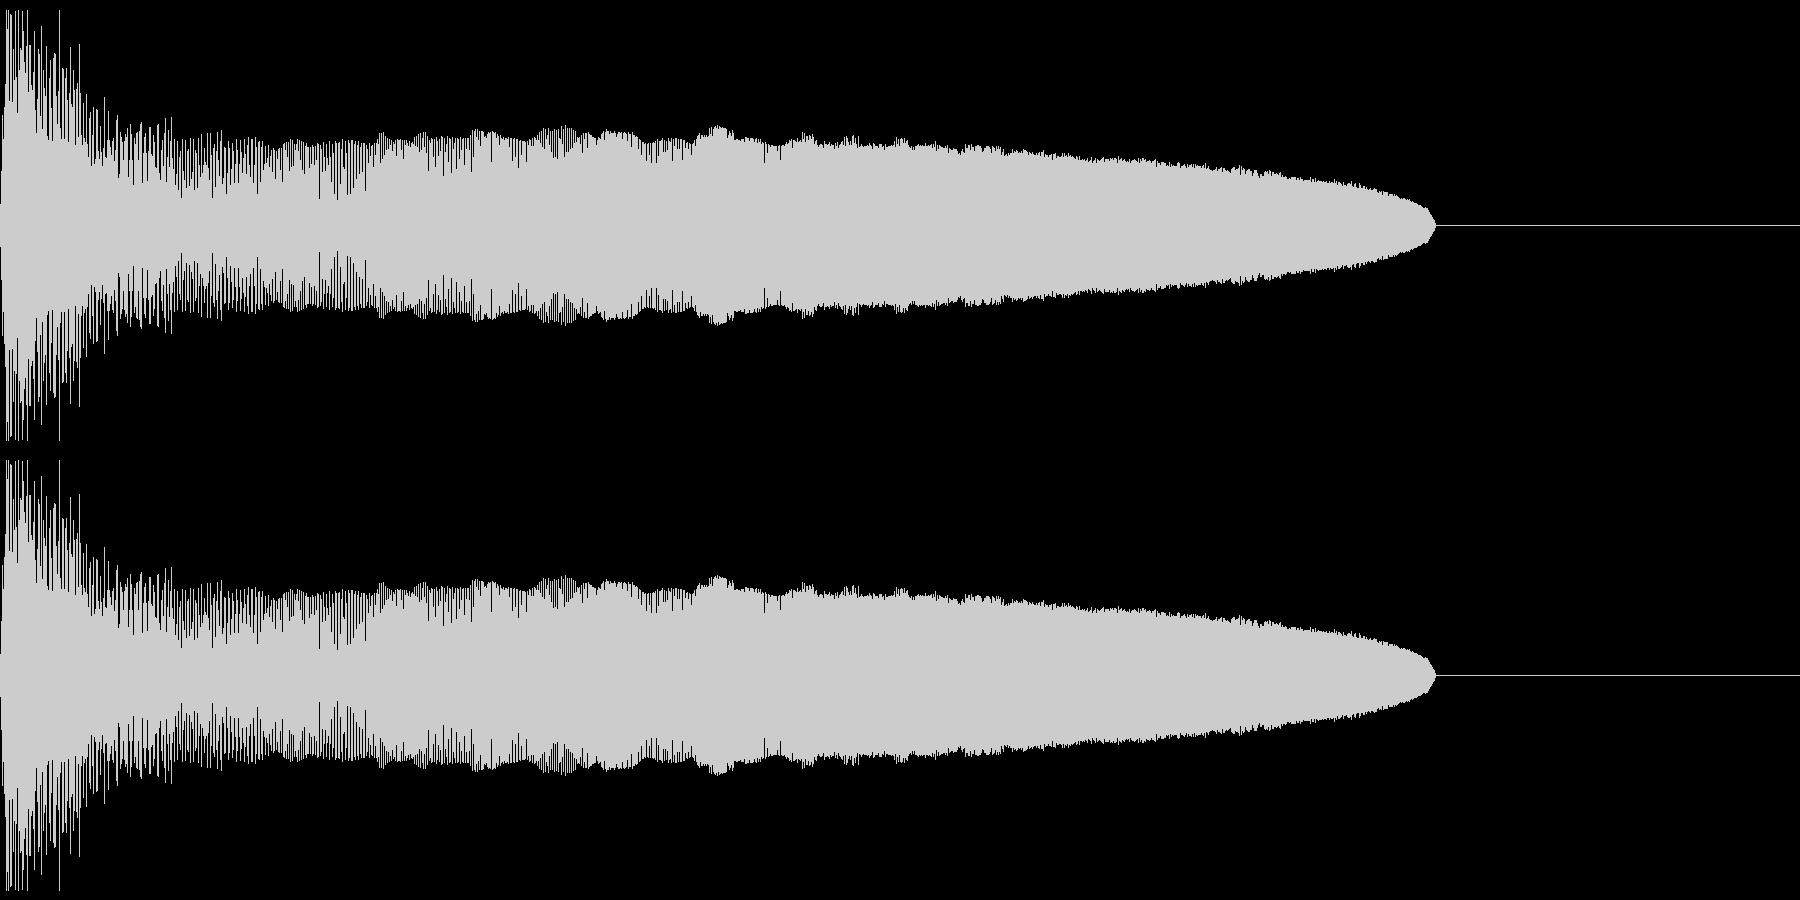 プルルルル~ 伸びる 巻かれる 収縮の未再生の波形